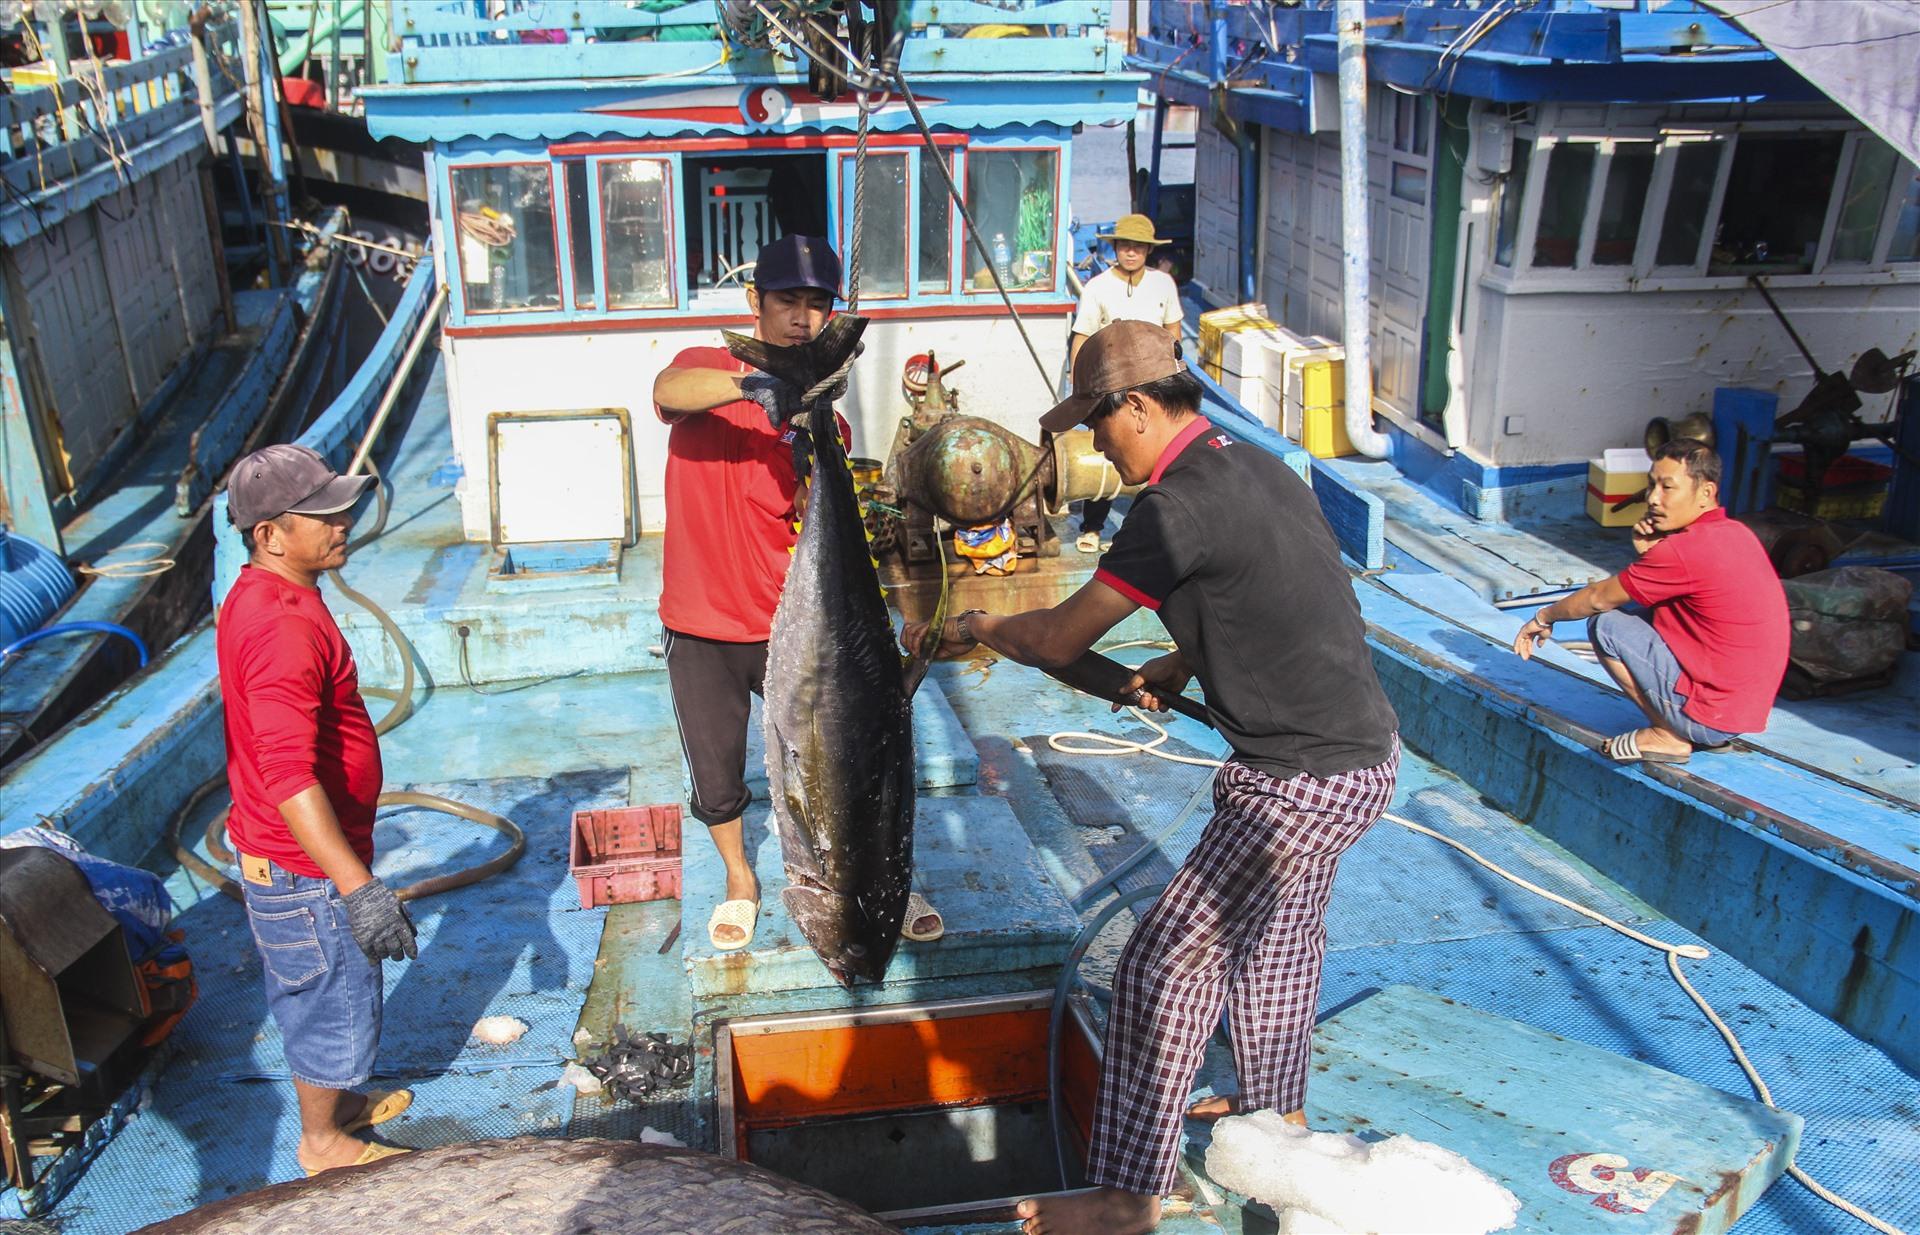 UBND yêu cầu xóa đăng ký các tàu cá không có hoặc hết hạn giấy phép khai thác thủy sản nhưng không thực hiện cấp phép khai thác thủy sản mới theo quy định.